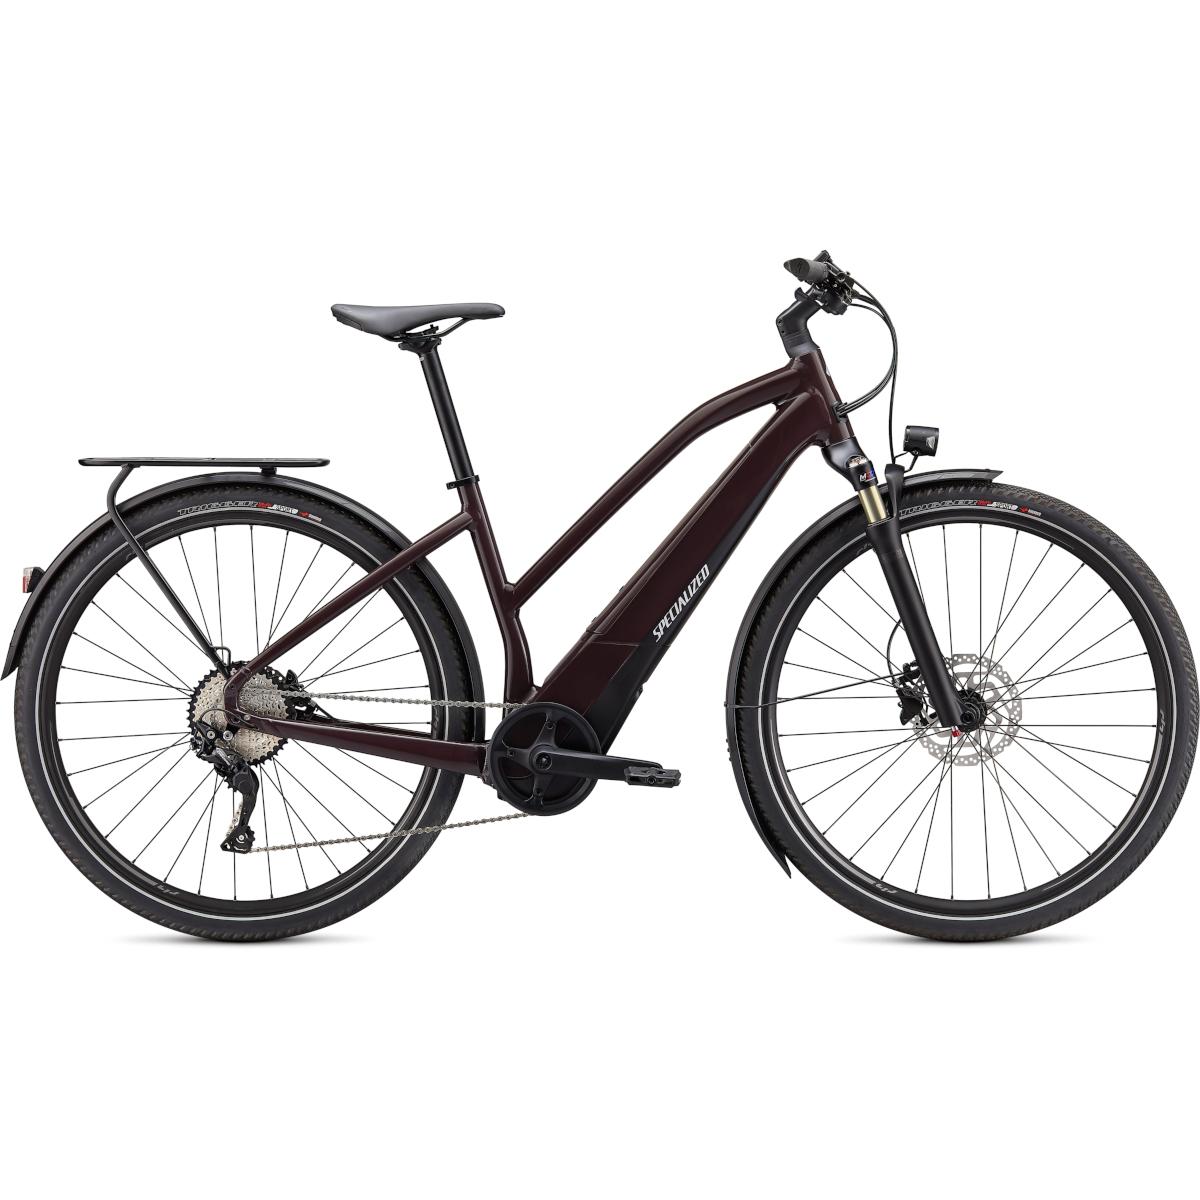 Specialized TURBO VADO 4.0 Step-Through E-Bike - 2021 - cast umber / black / liquid silver